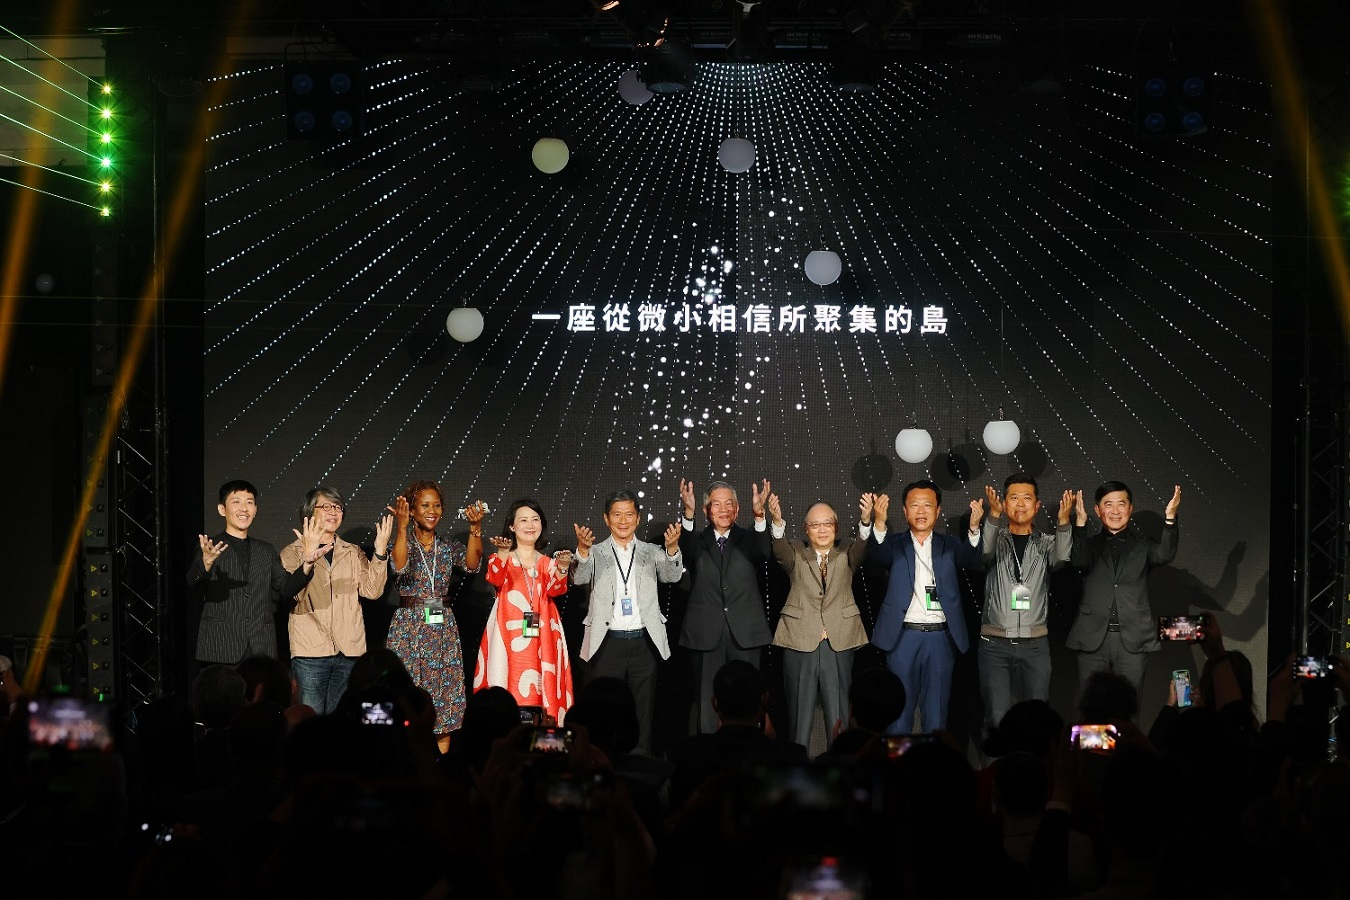 2021臺灣文博會盛大開幕! 6位文化工作者帶來匯聚相信的故事 展現臺灣文化自信深厚力量